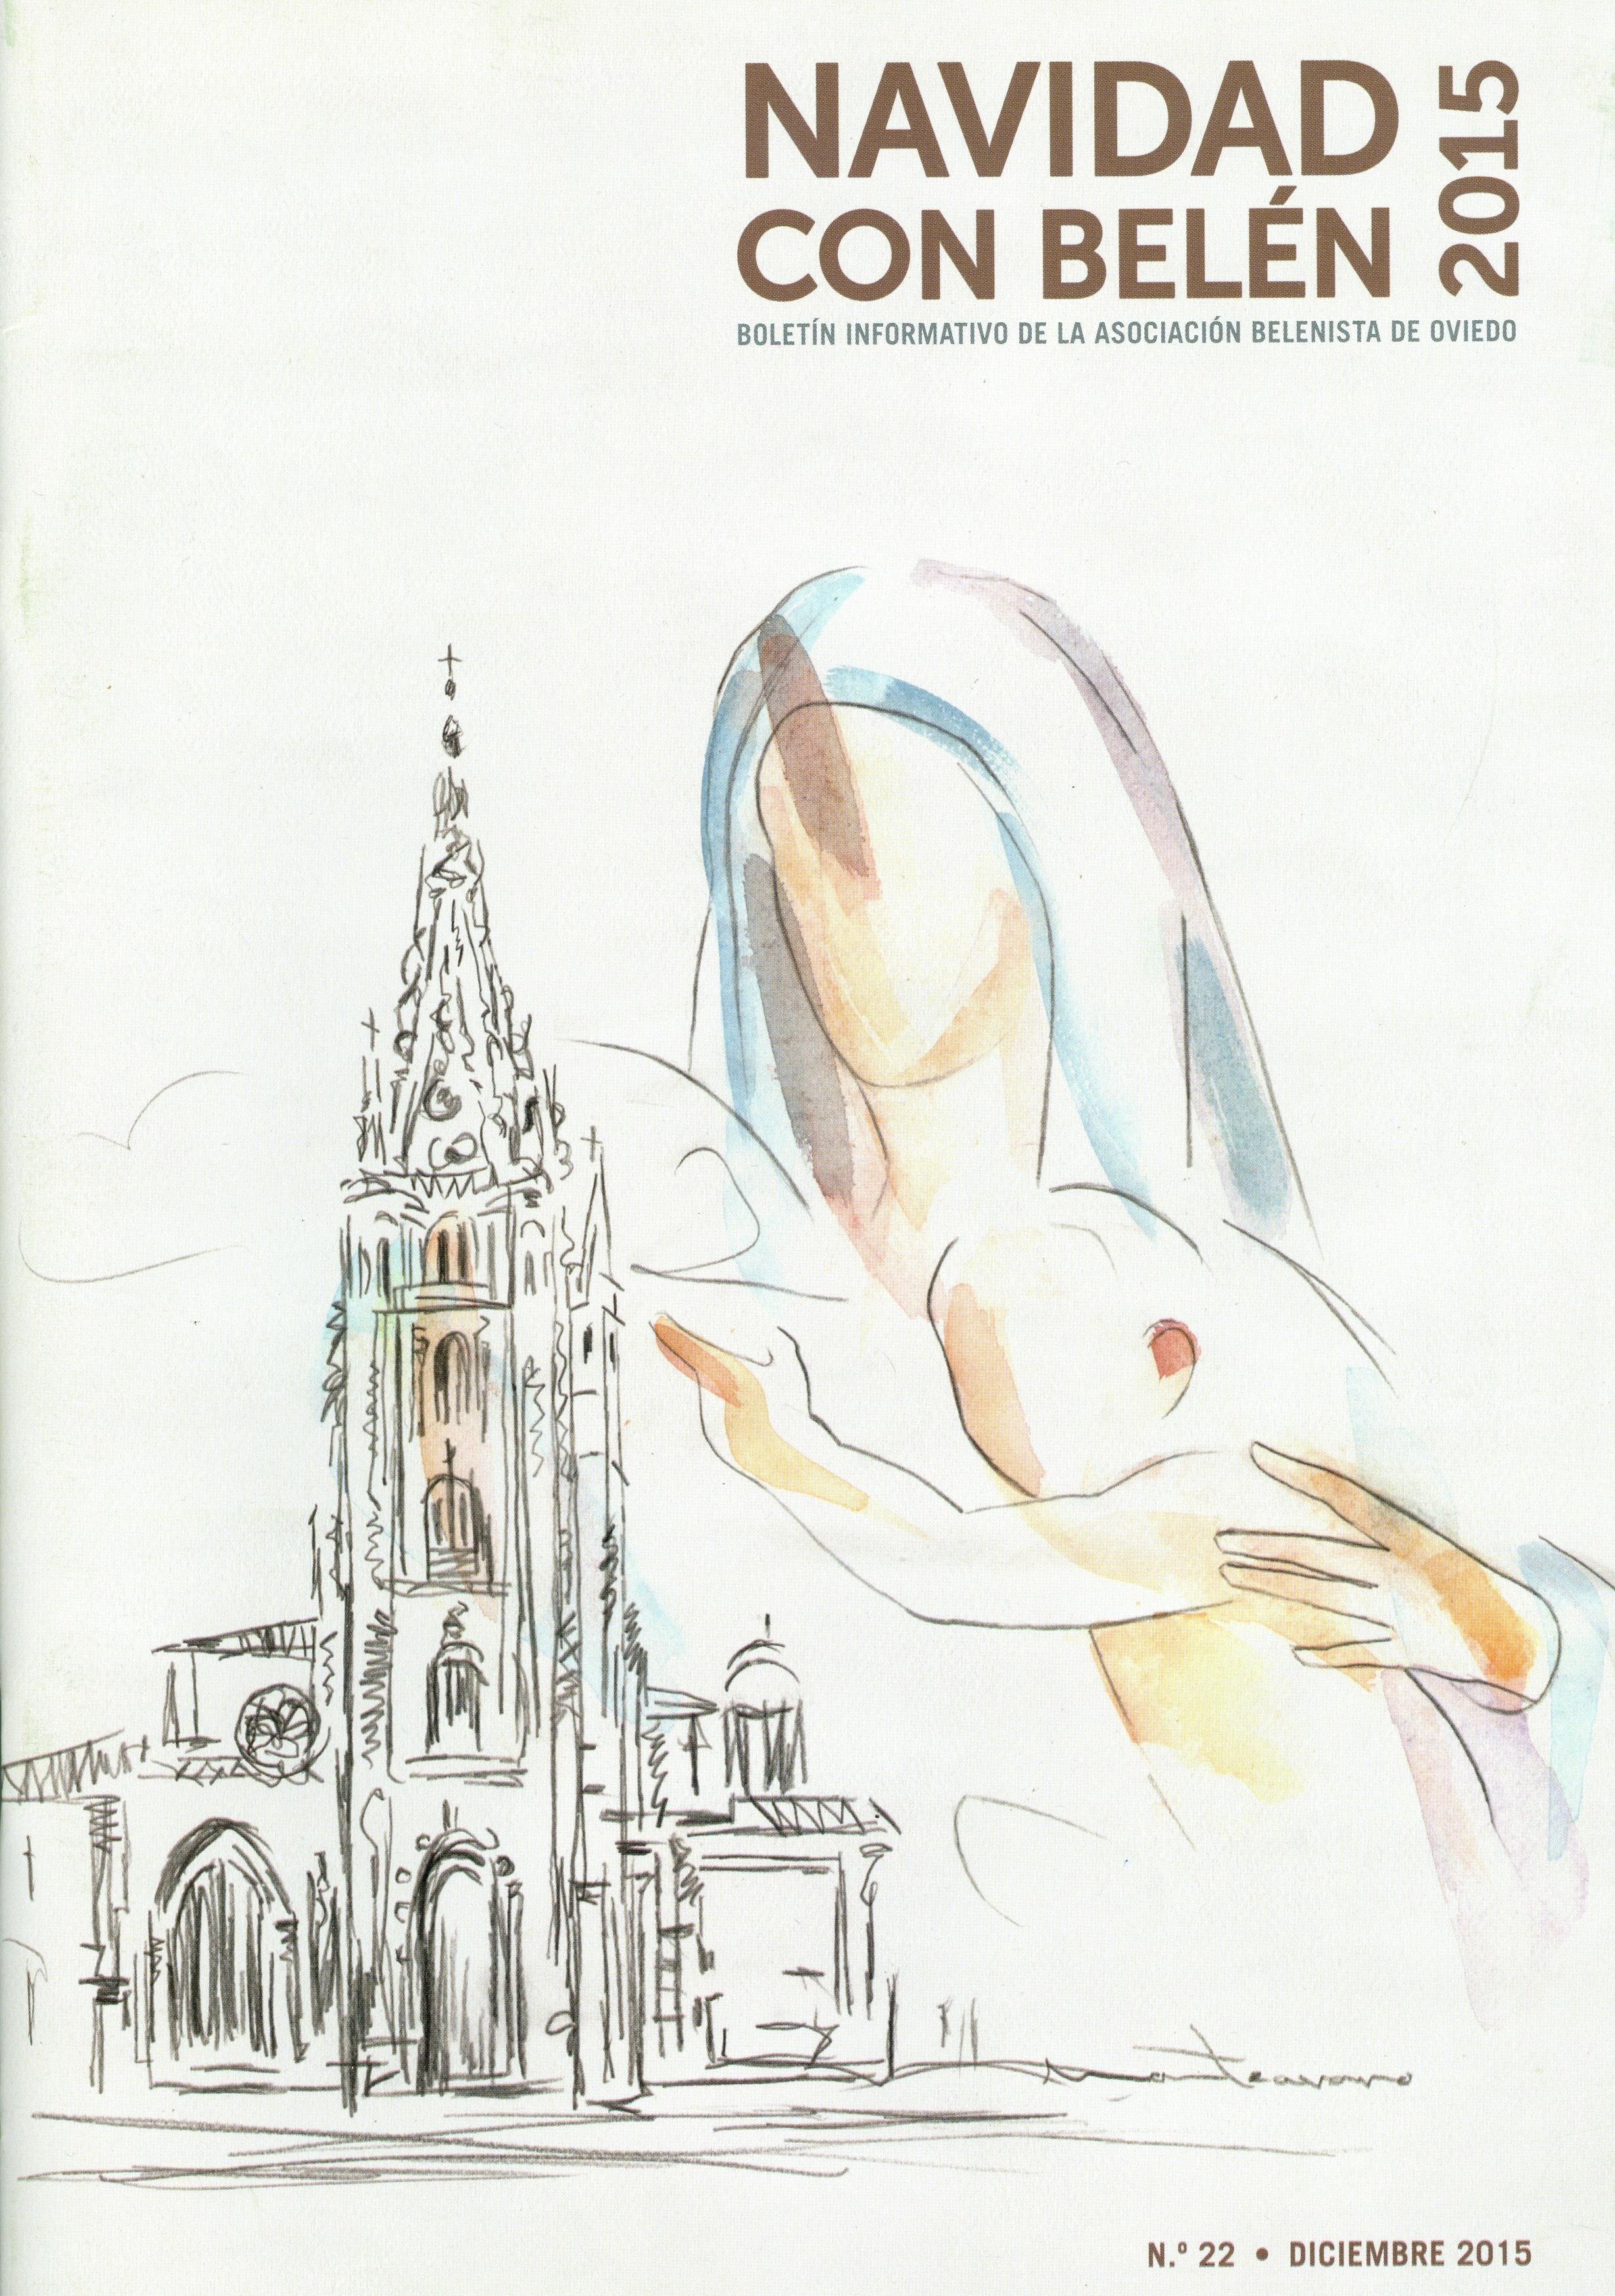 Portada de la revista Navidad con Belén Nº 22 - 2015, de la Asociación Belenista de Oviedo